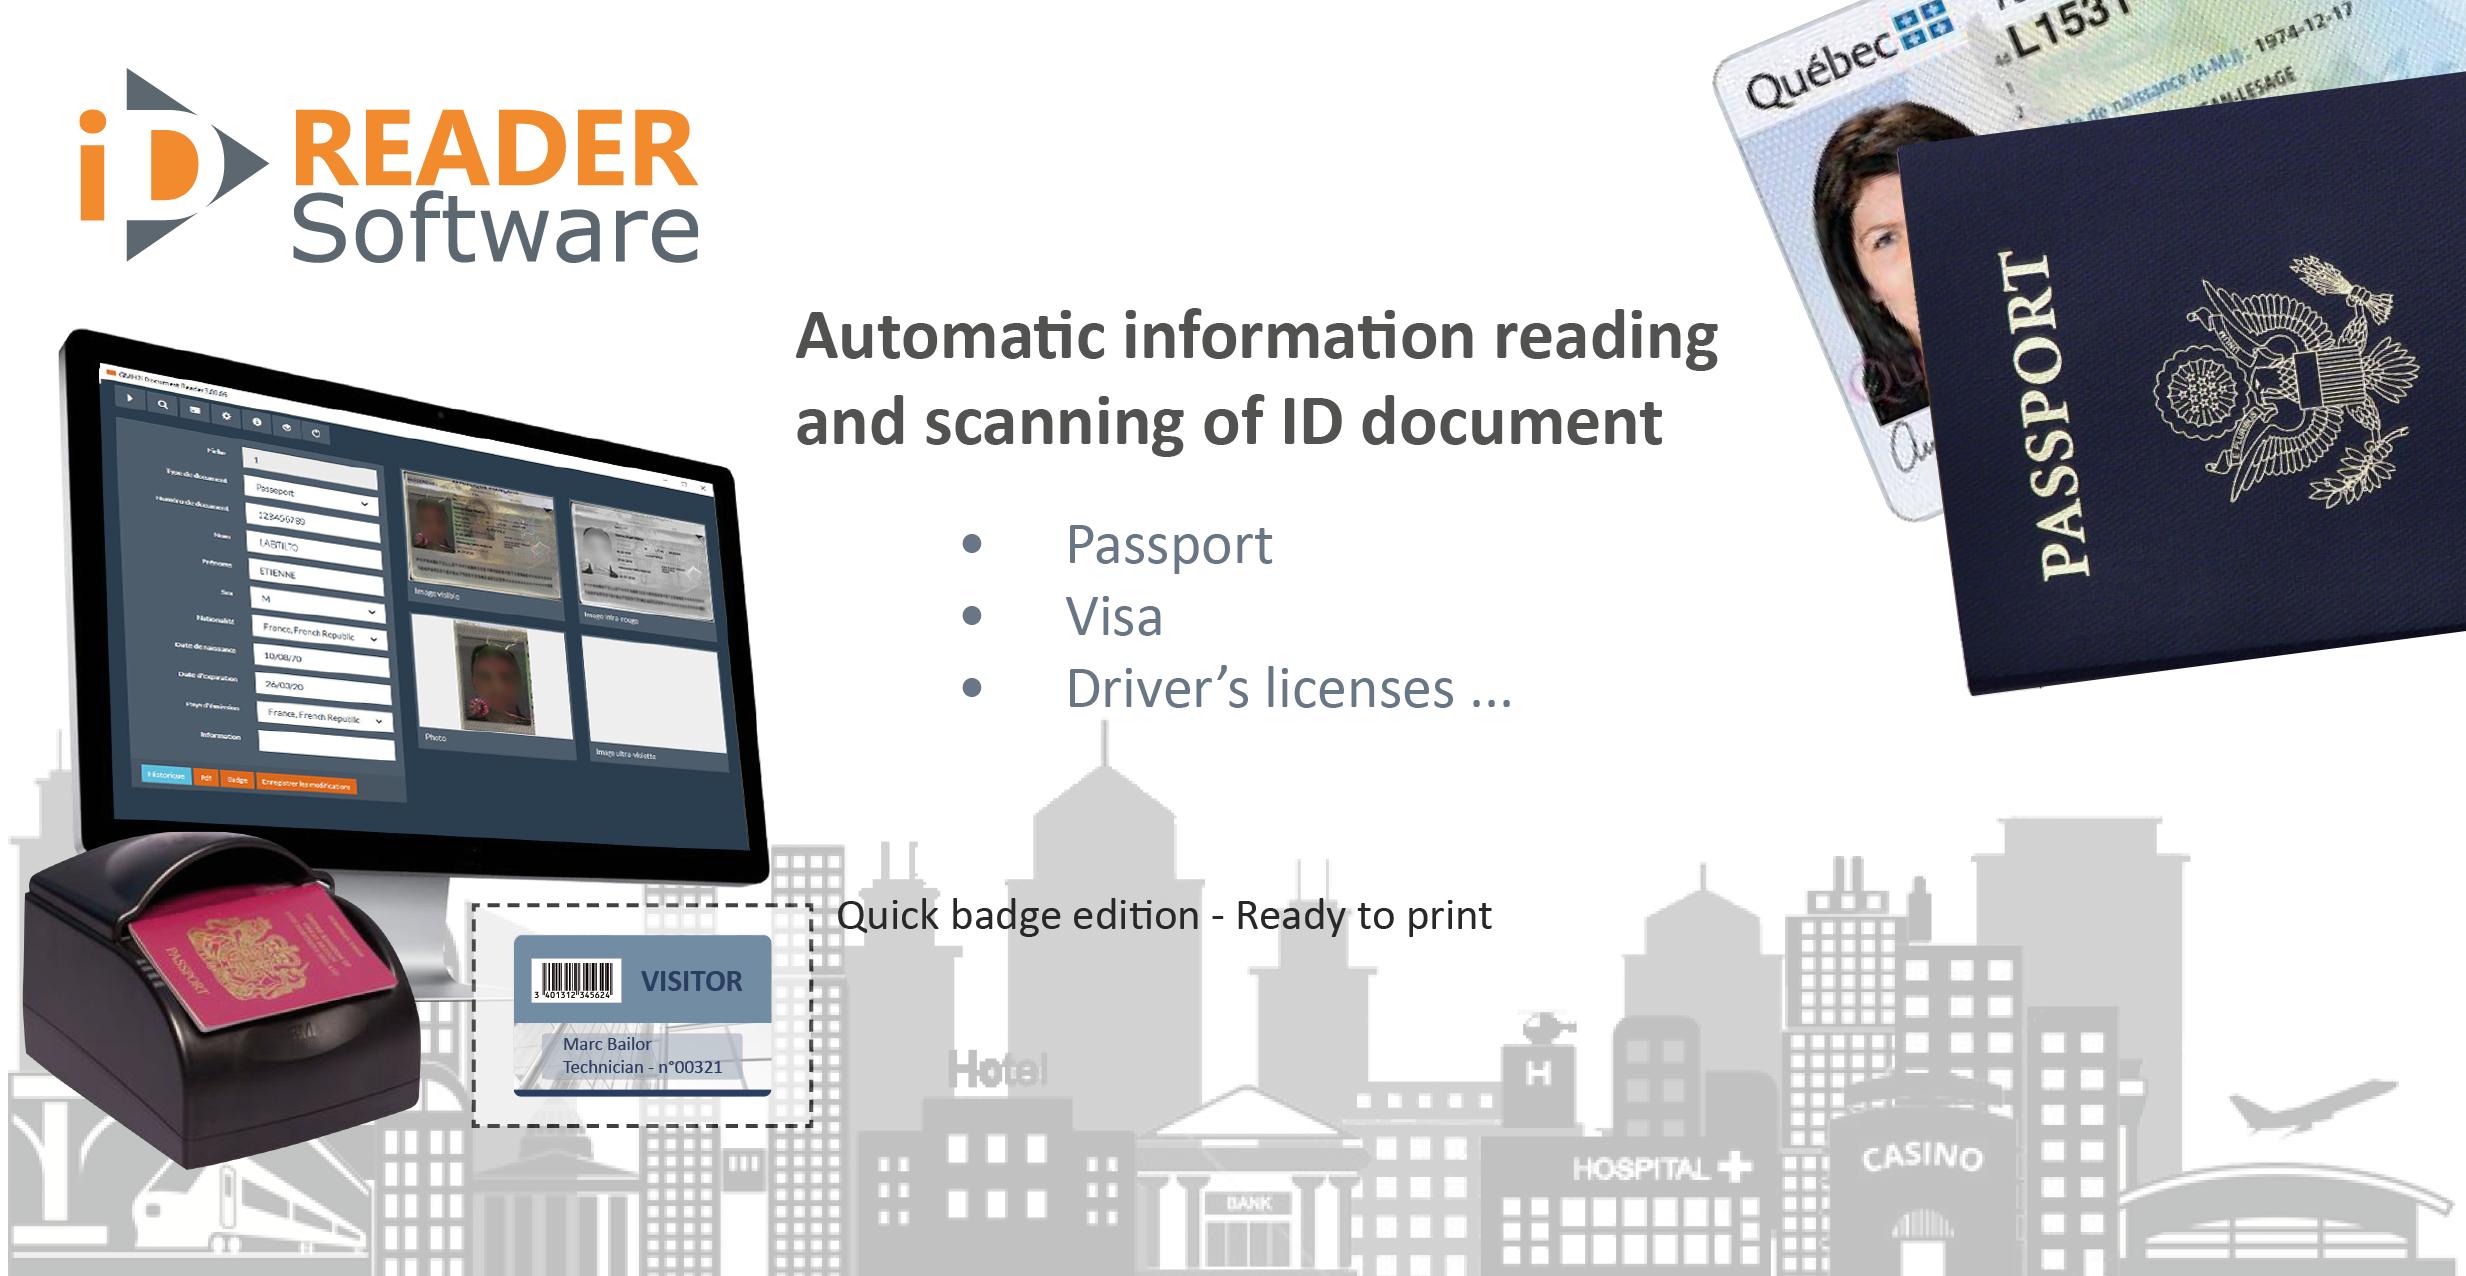 ID Reader